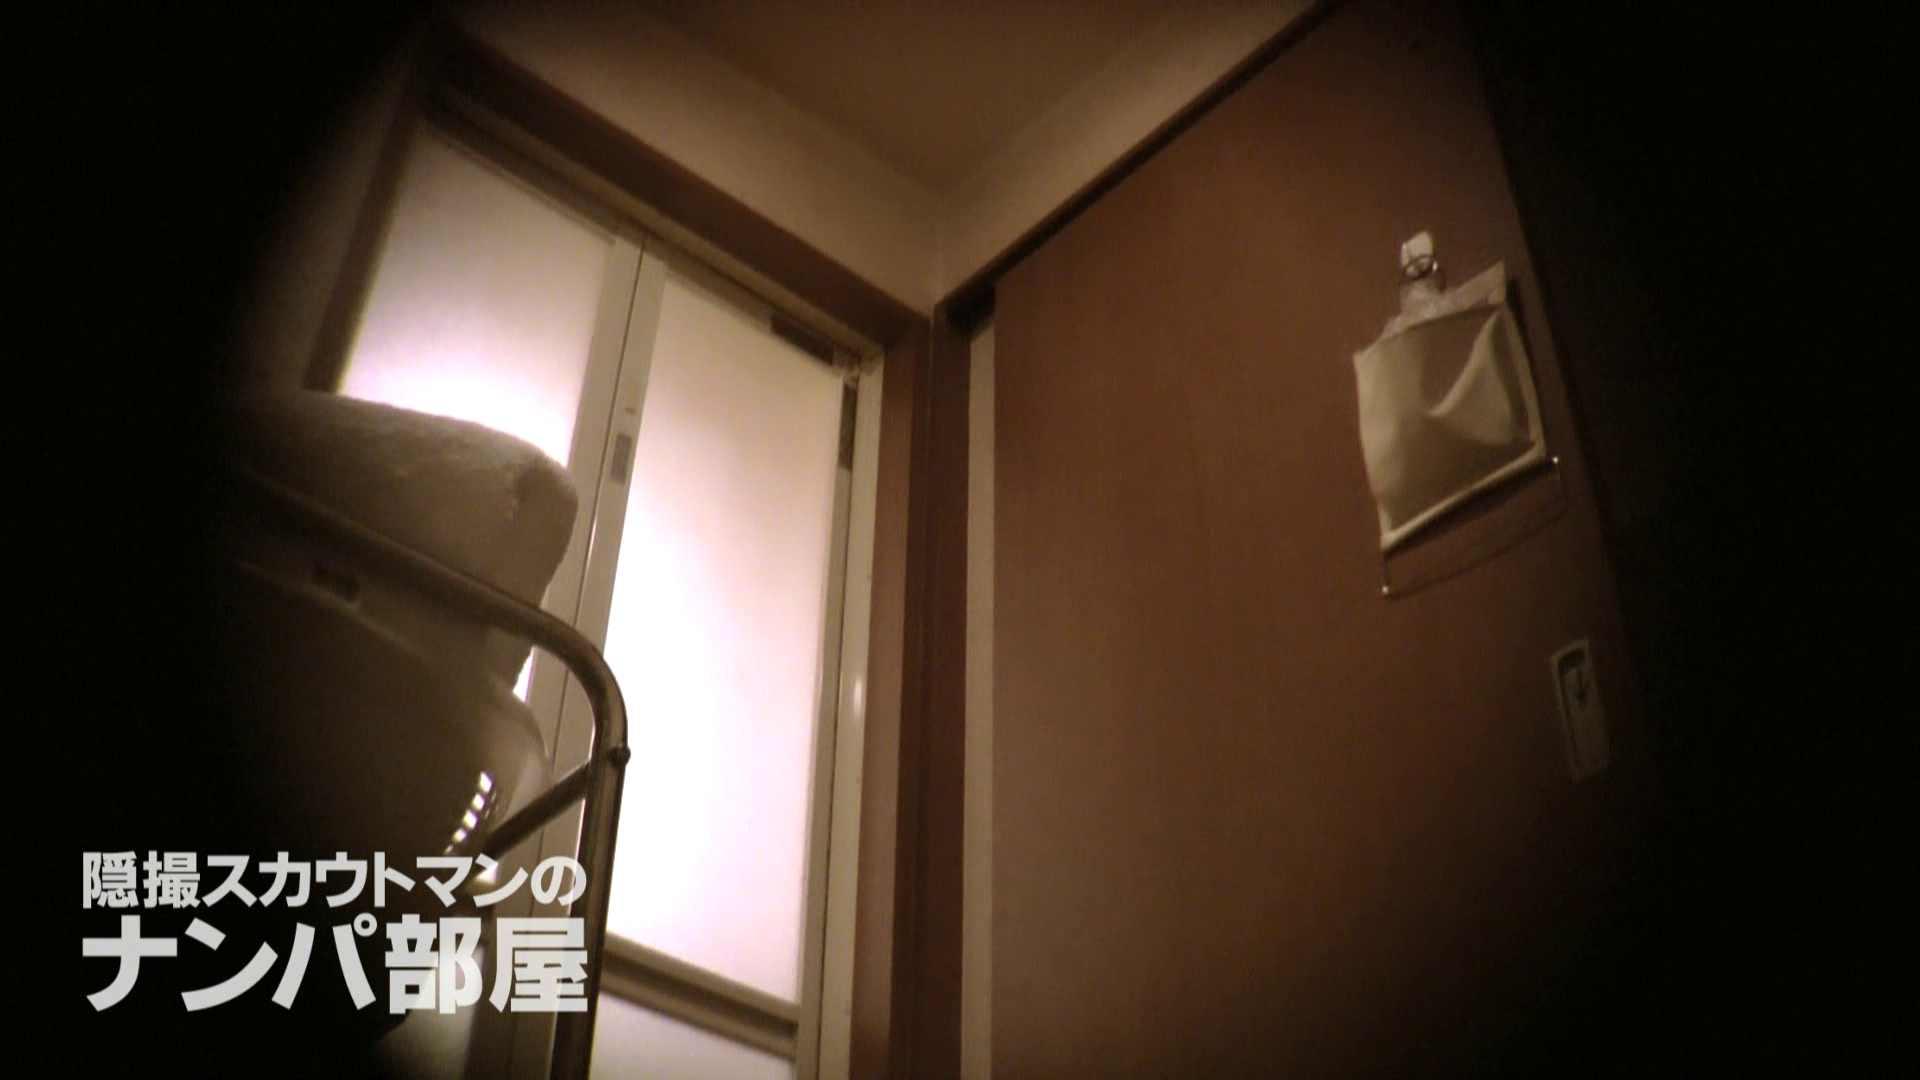 隠撮スカウトマンのナンパ部屋~風俗デビュー前のつまみ食い~ sii 隠撮  84連発 37